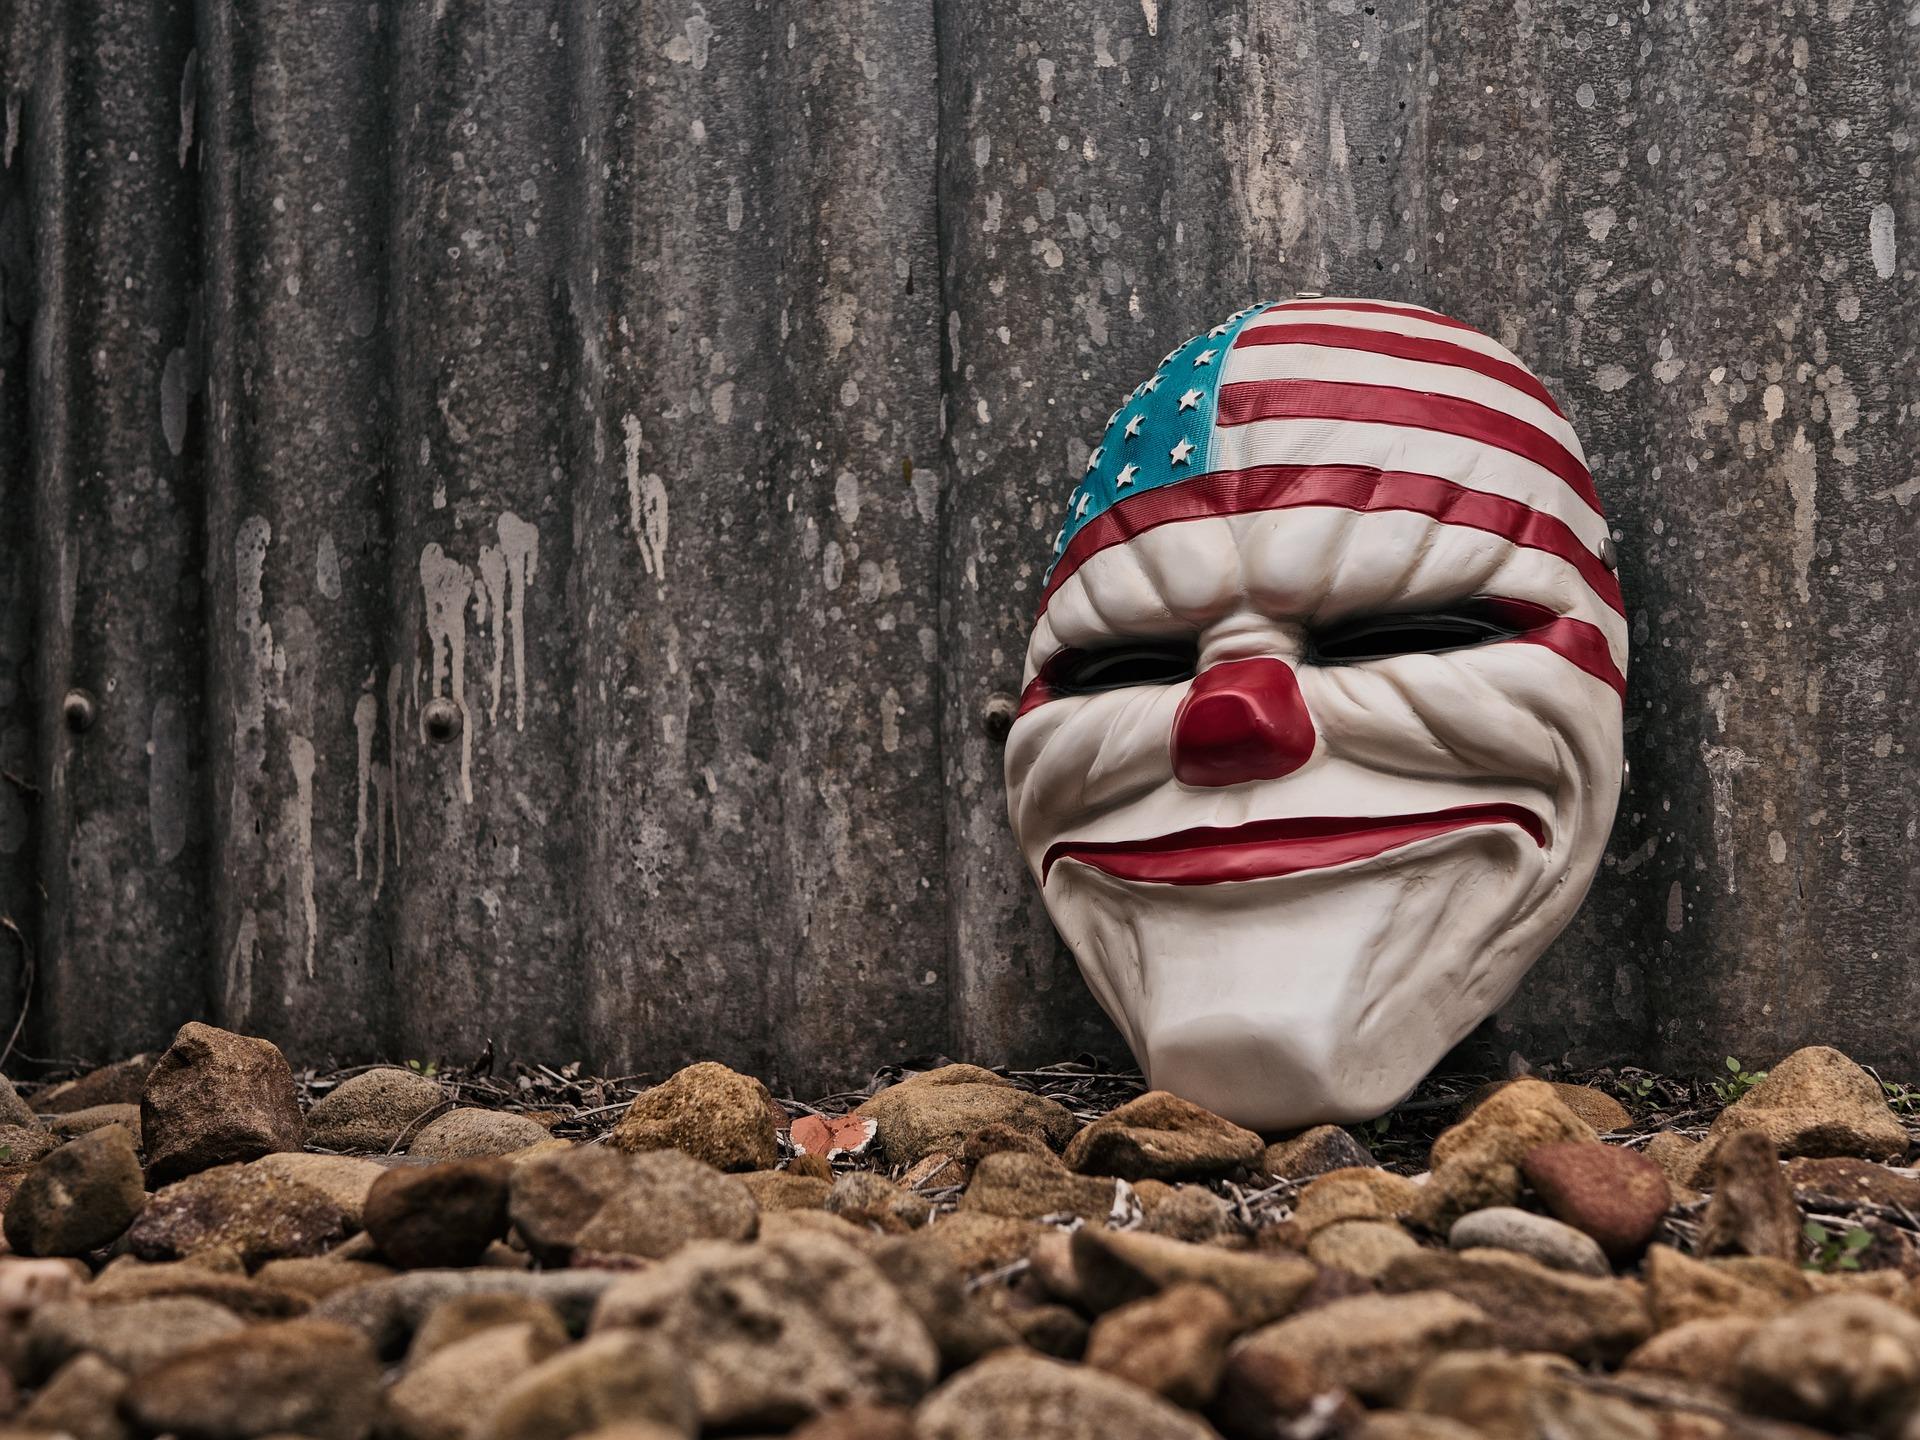 小丑, 面具, 嘉年华, 恐怖, 海滩 - 高清壁纸 - 教授-falken.com